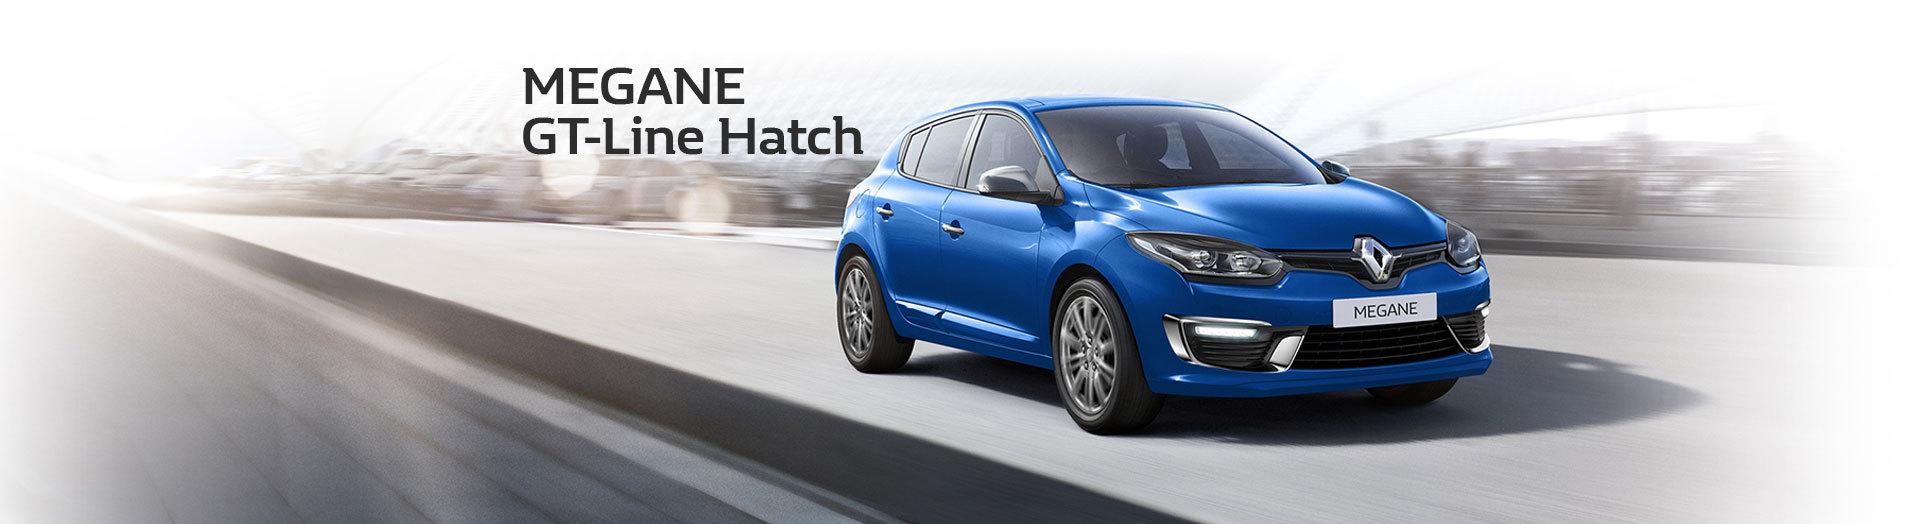 Megane GT-Line Hatch